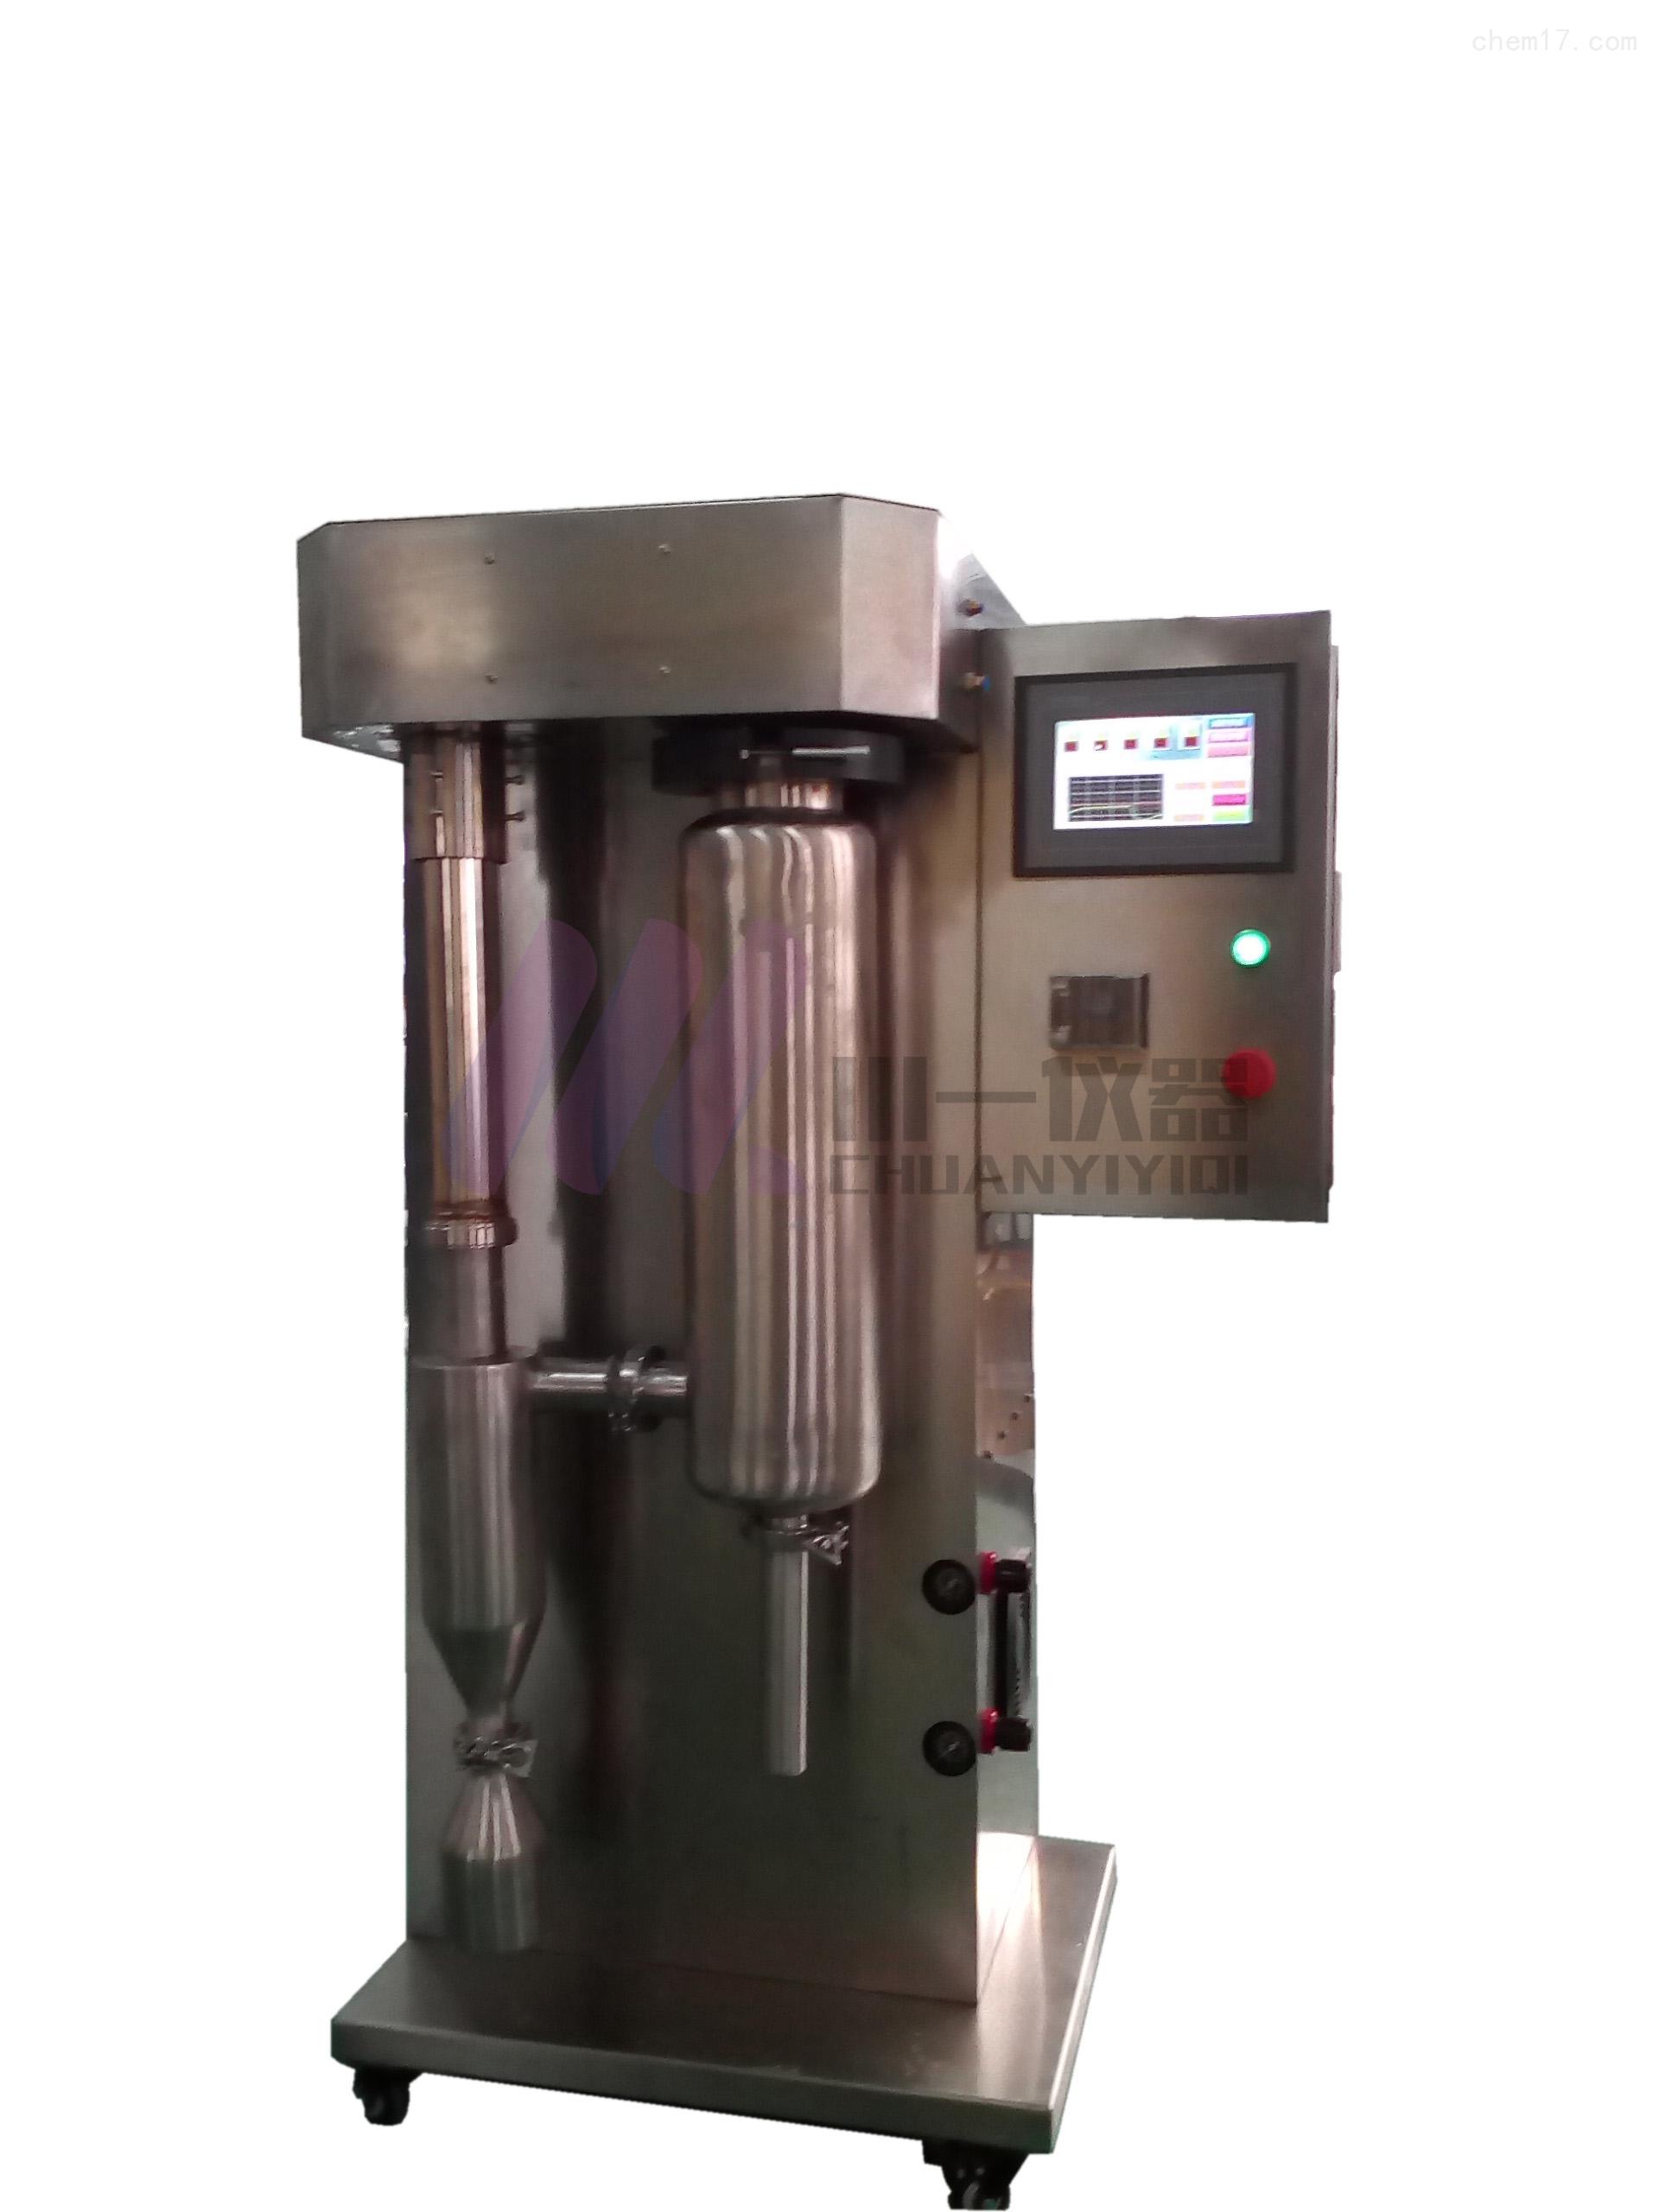 实验室小型喷雾化干燥机CY-8000Y高温造粒器